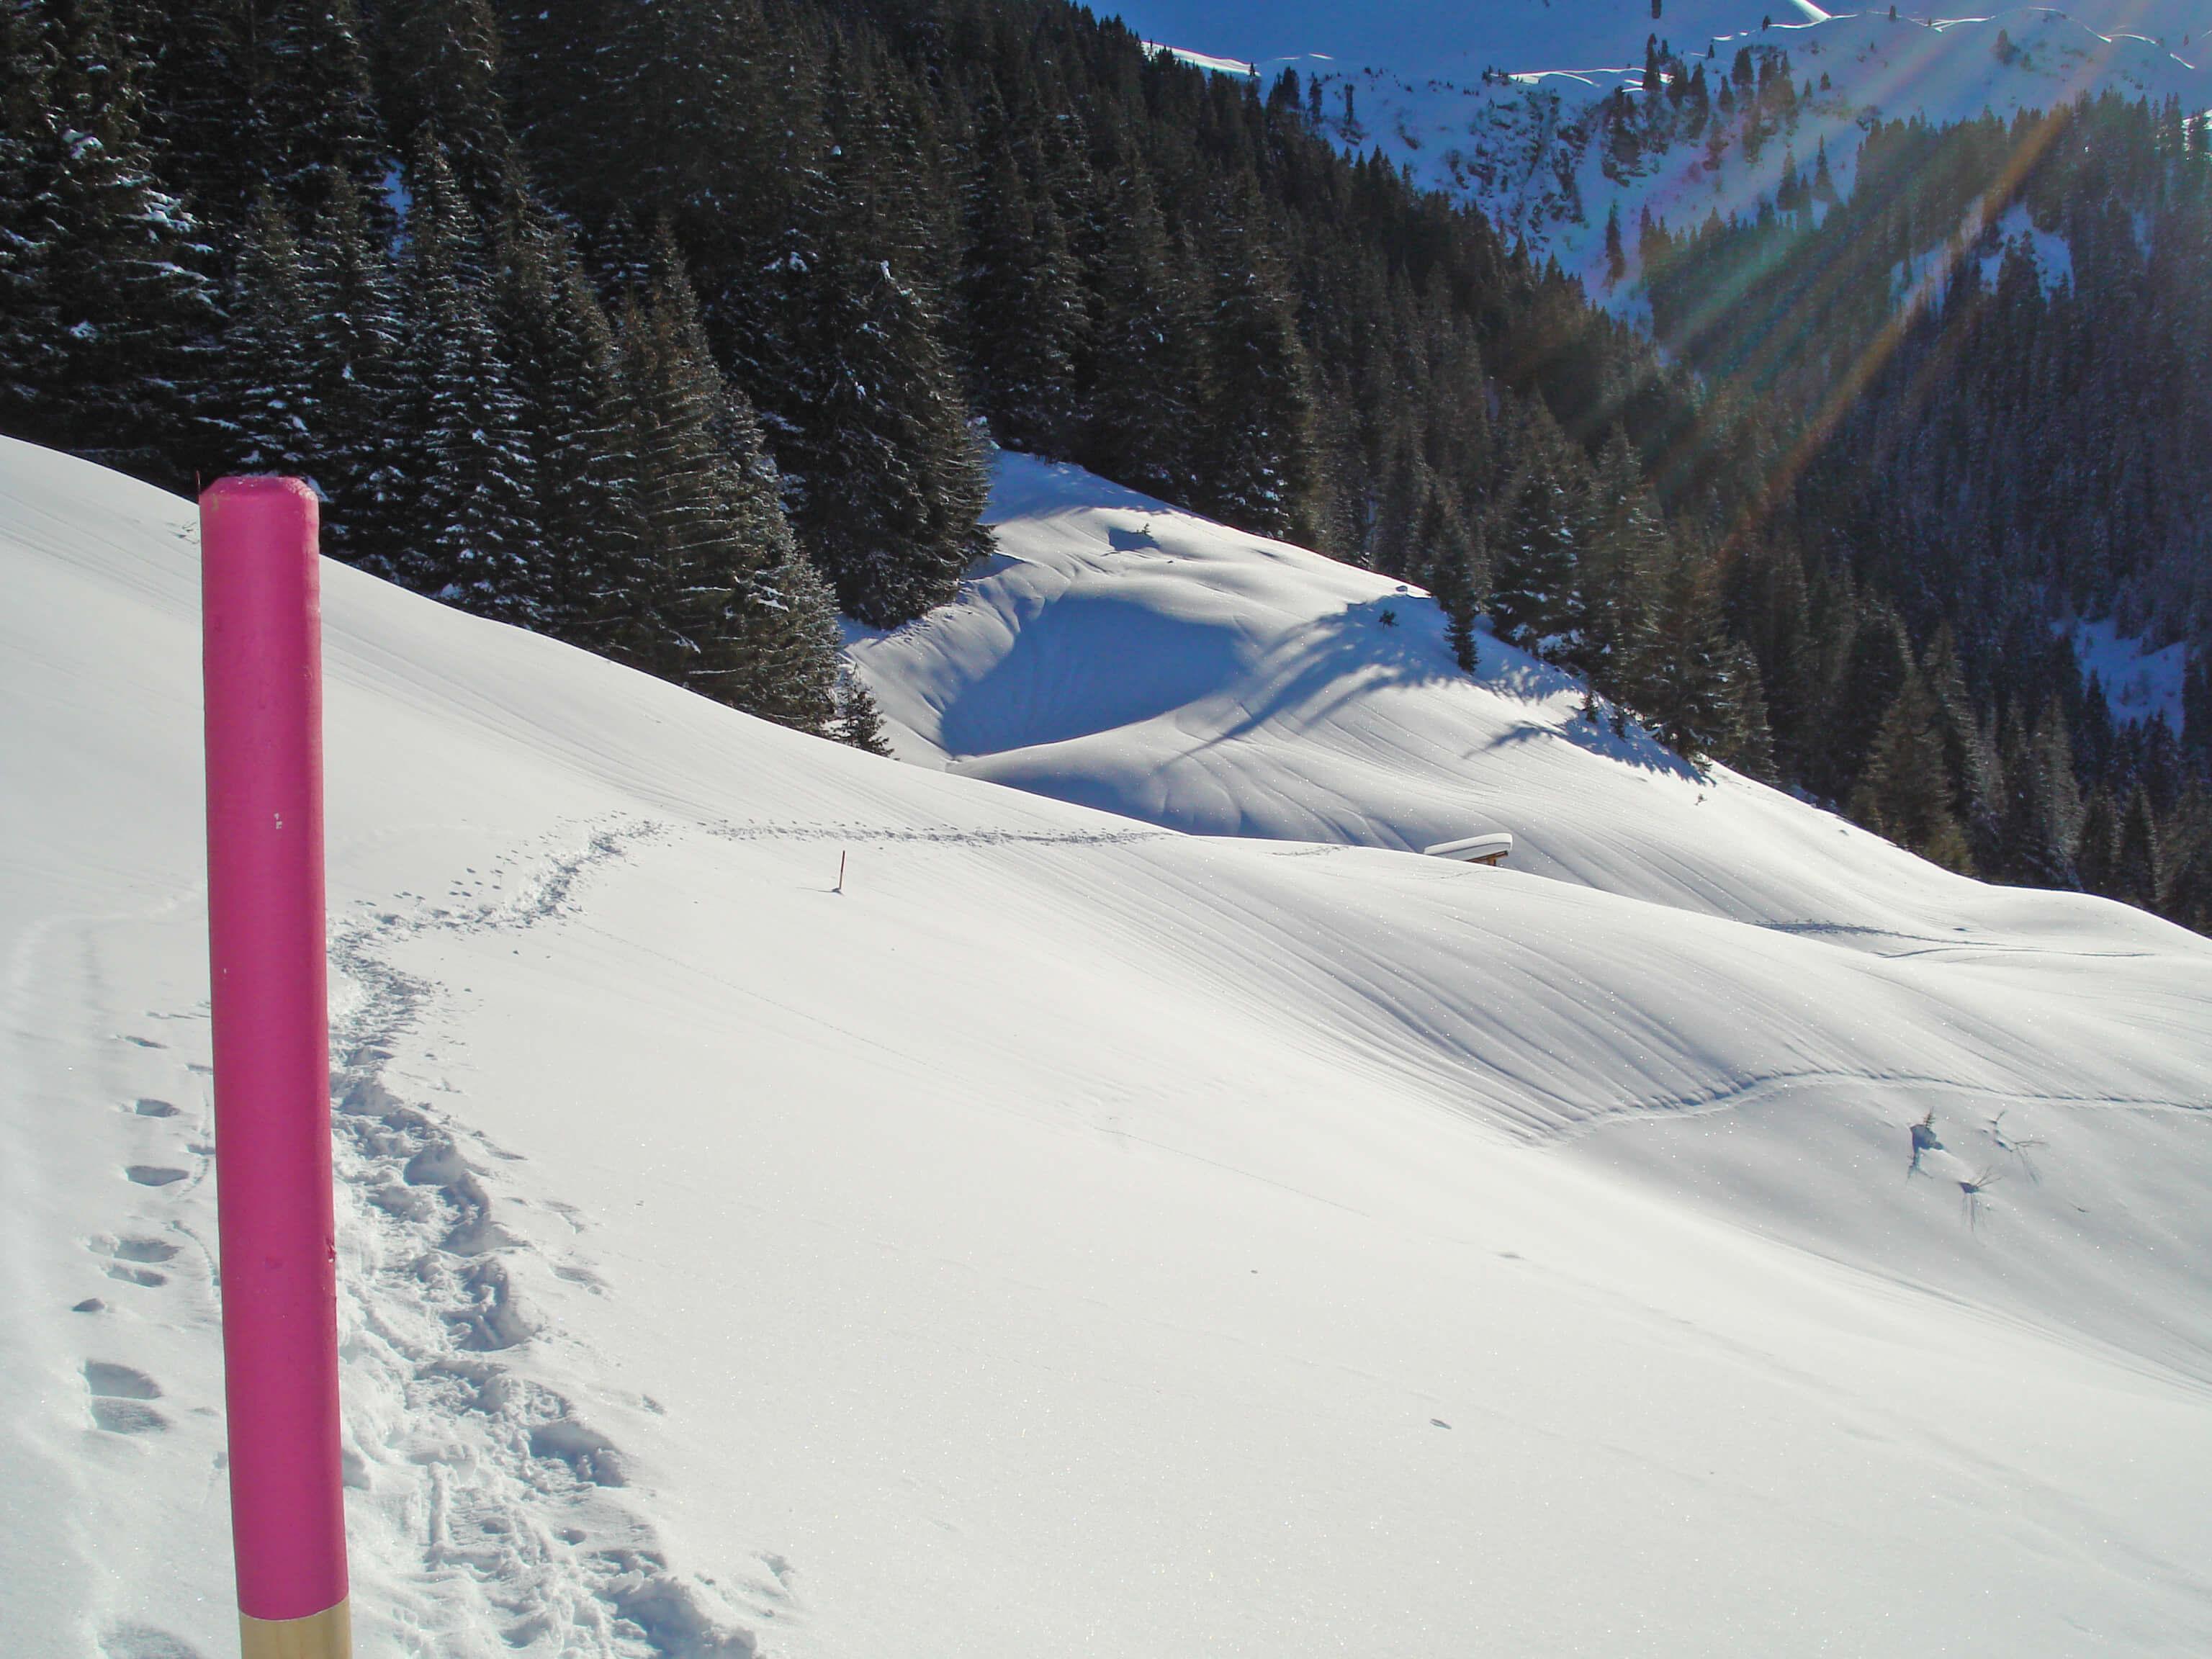 Schneeschuhtrail Grimmialp in wunderbarer Winterlandschaft